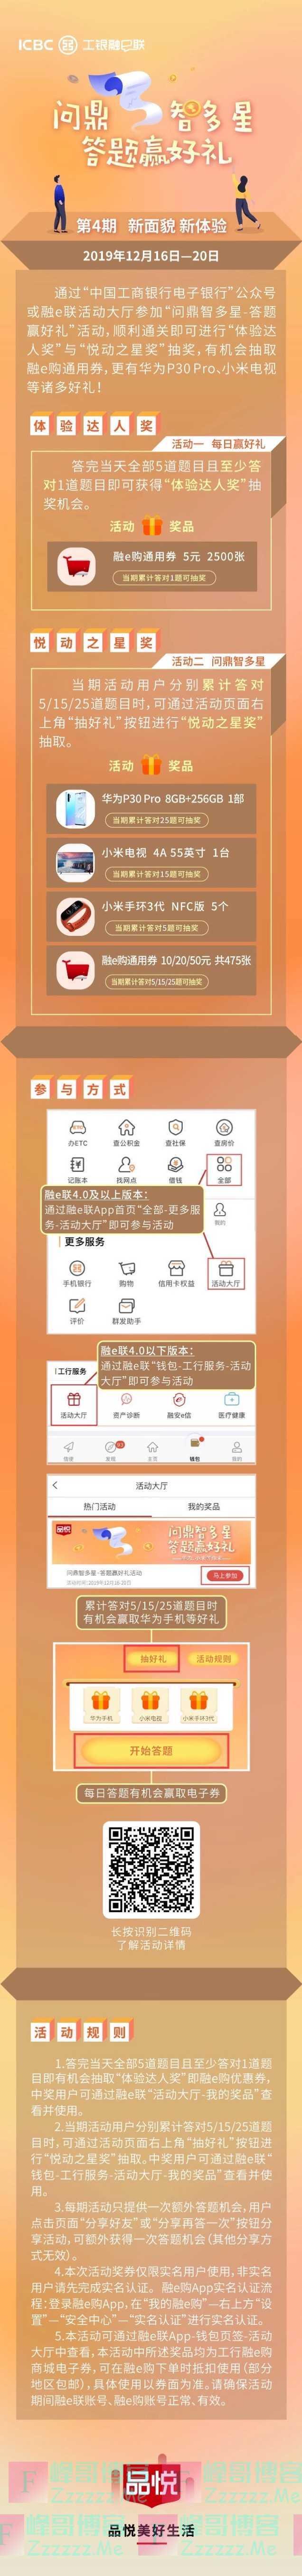 中国工商银行电子银行答题赢华为P30、小米电视(12月20日截止)